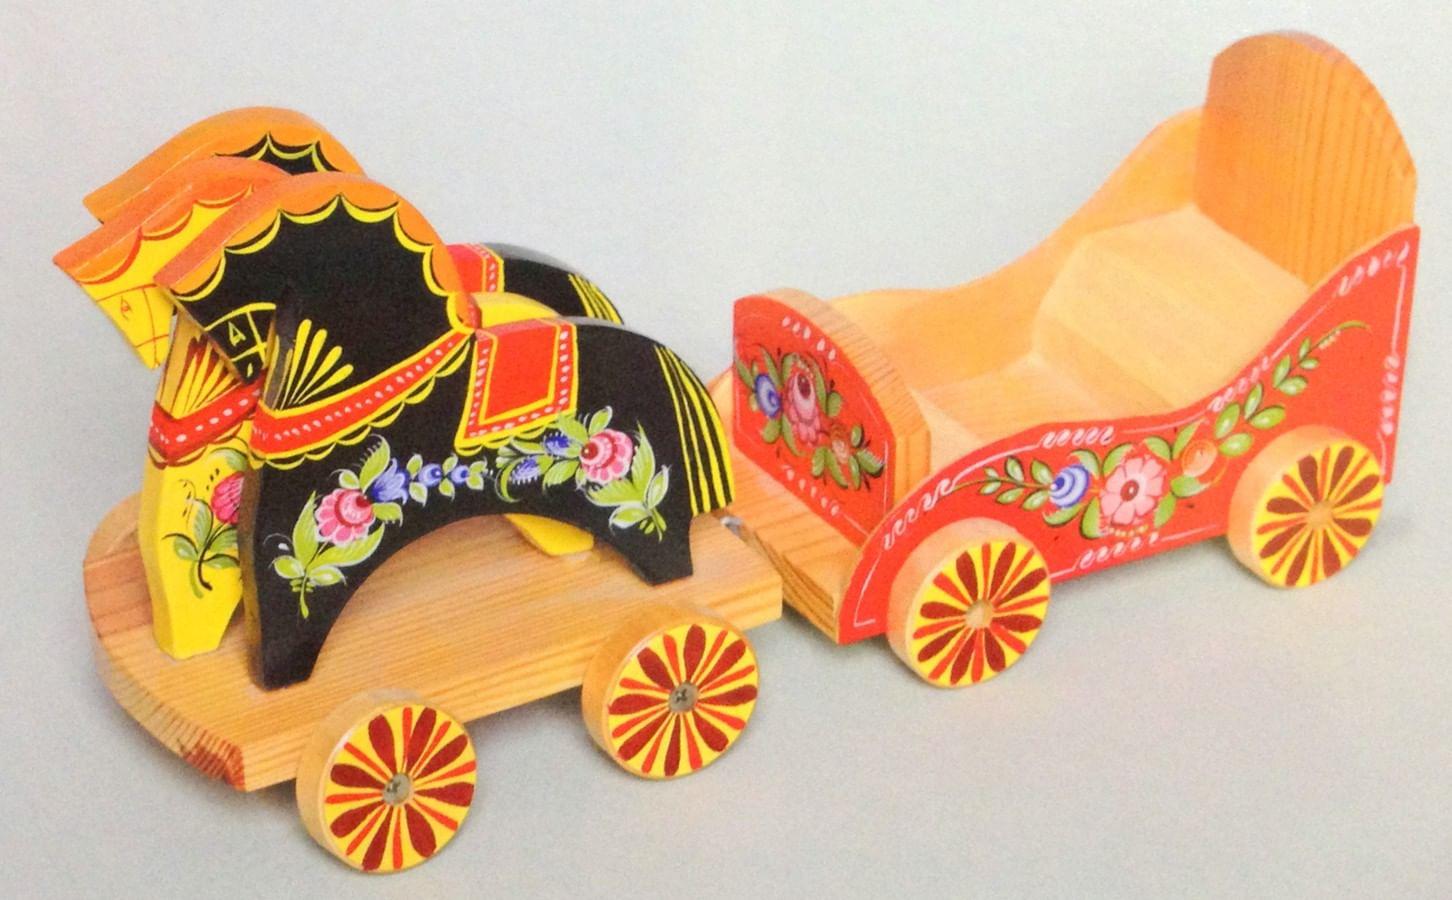 Городецкая игрушка (фото)